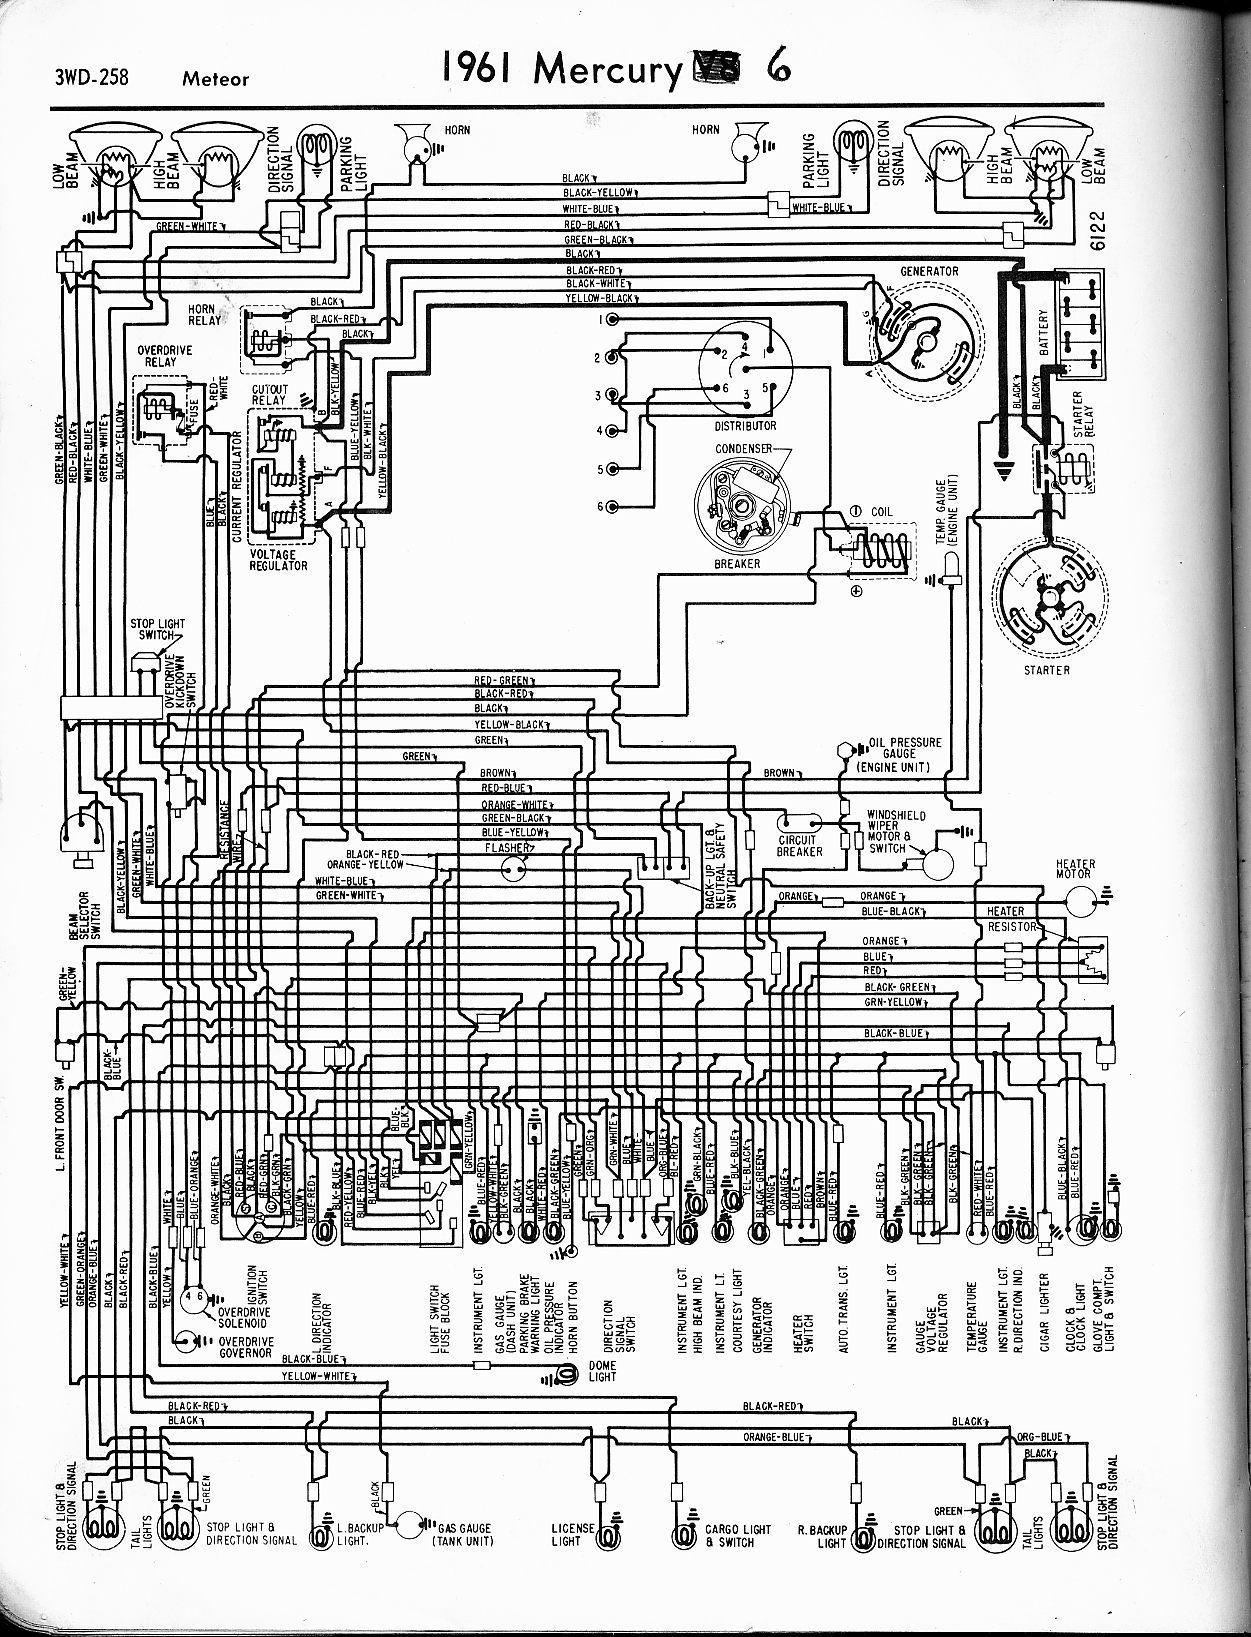 56 Mercury Wiring Diagram 1995 Ford Ranger Wire Diagram Wiring Diagram Schematics